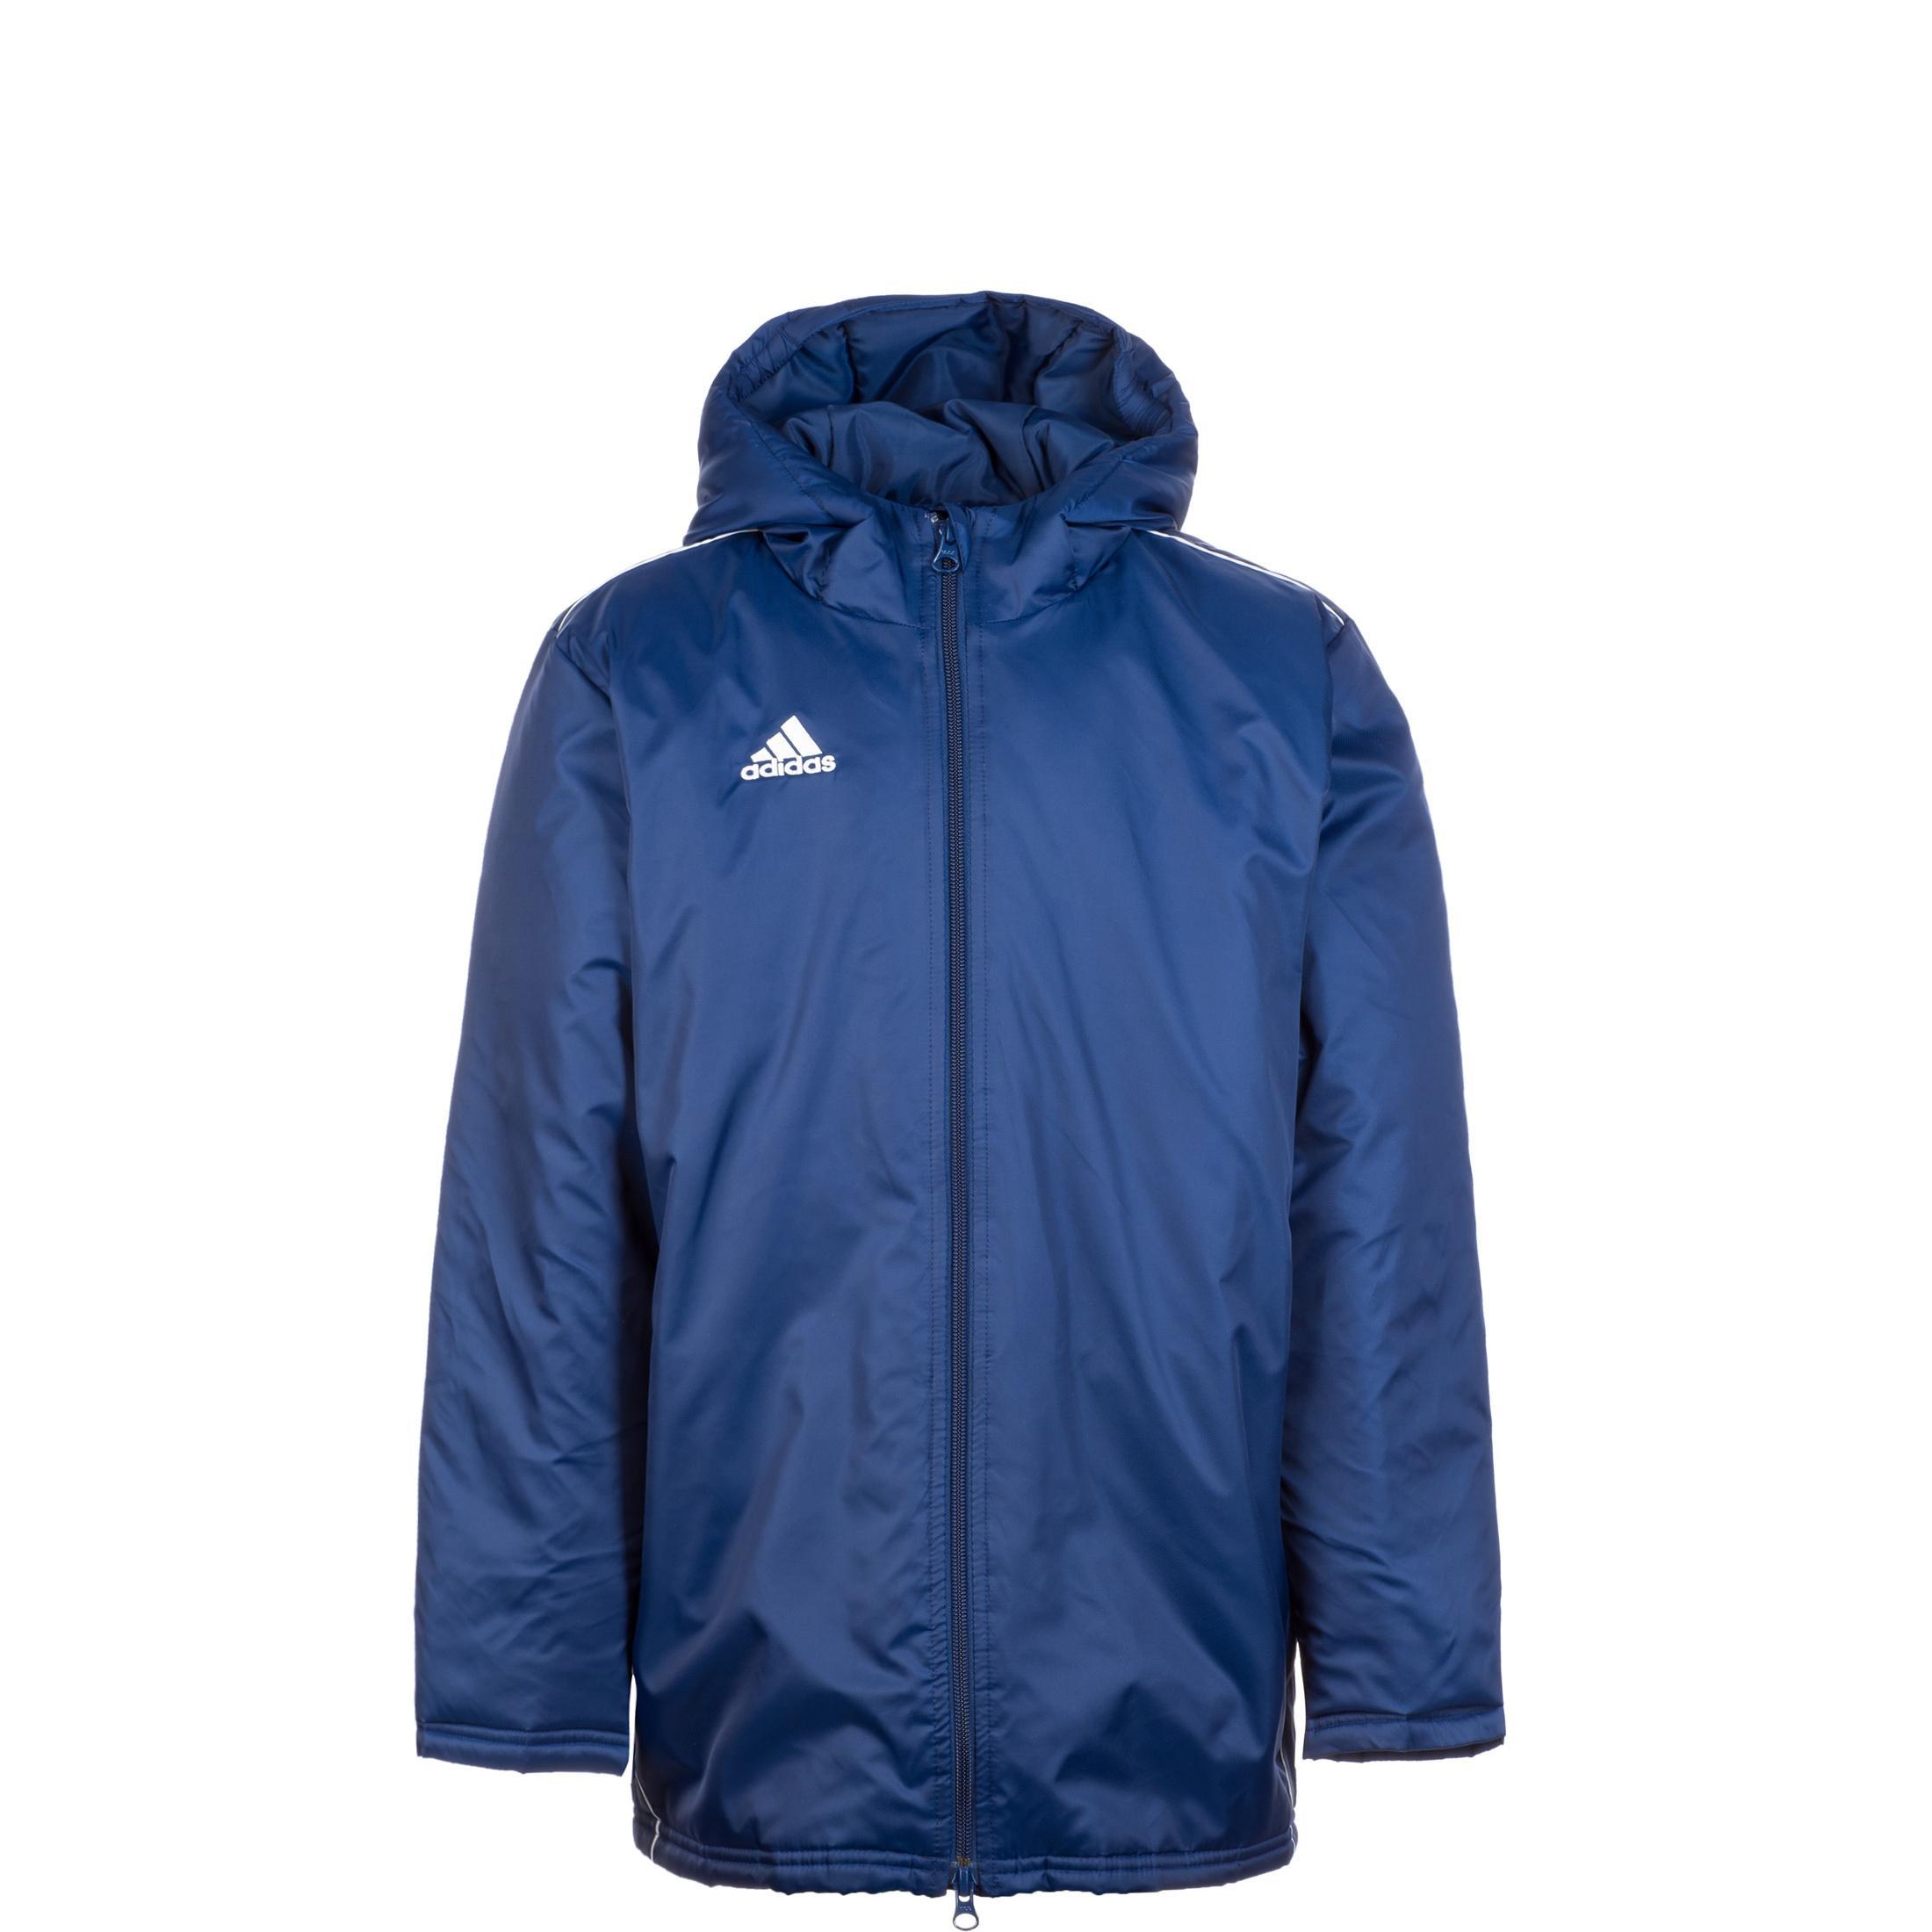 adidas Core 18 Regenjacke Jungen dunkelblau / weiß im Online Shop von  SportScheck kaufen